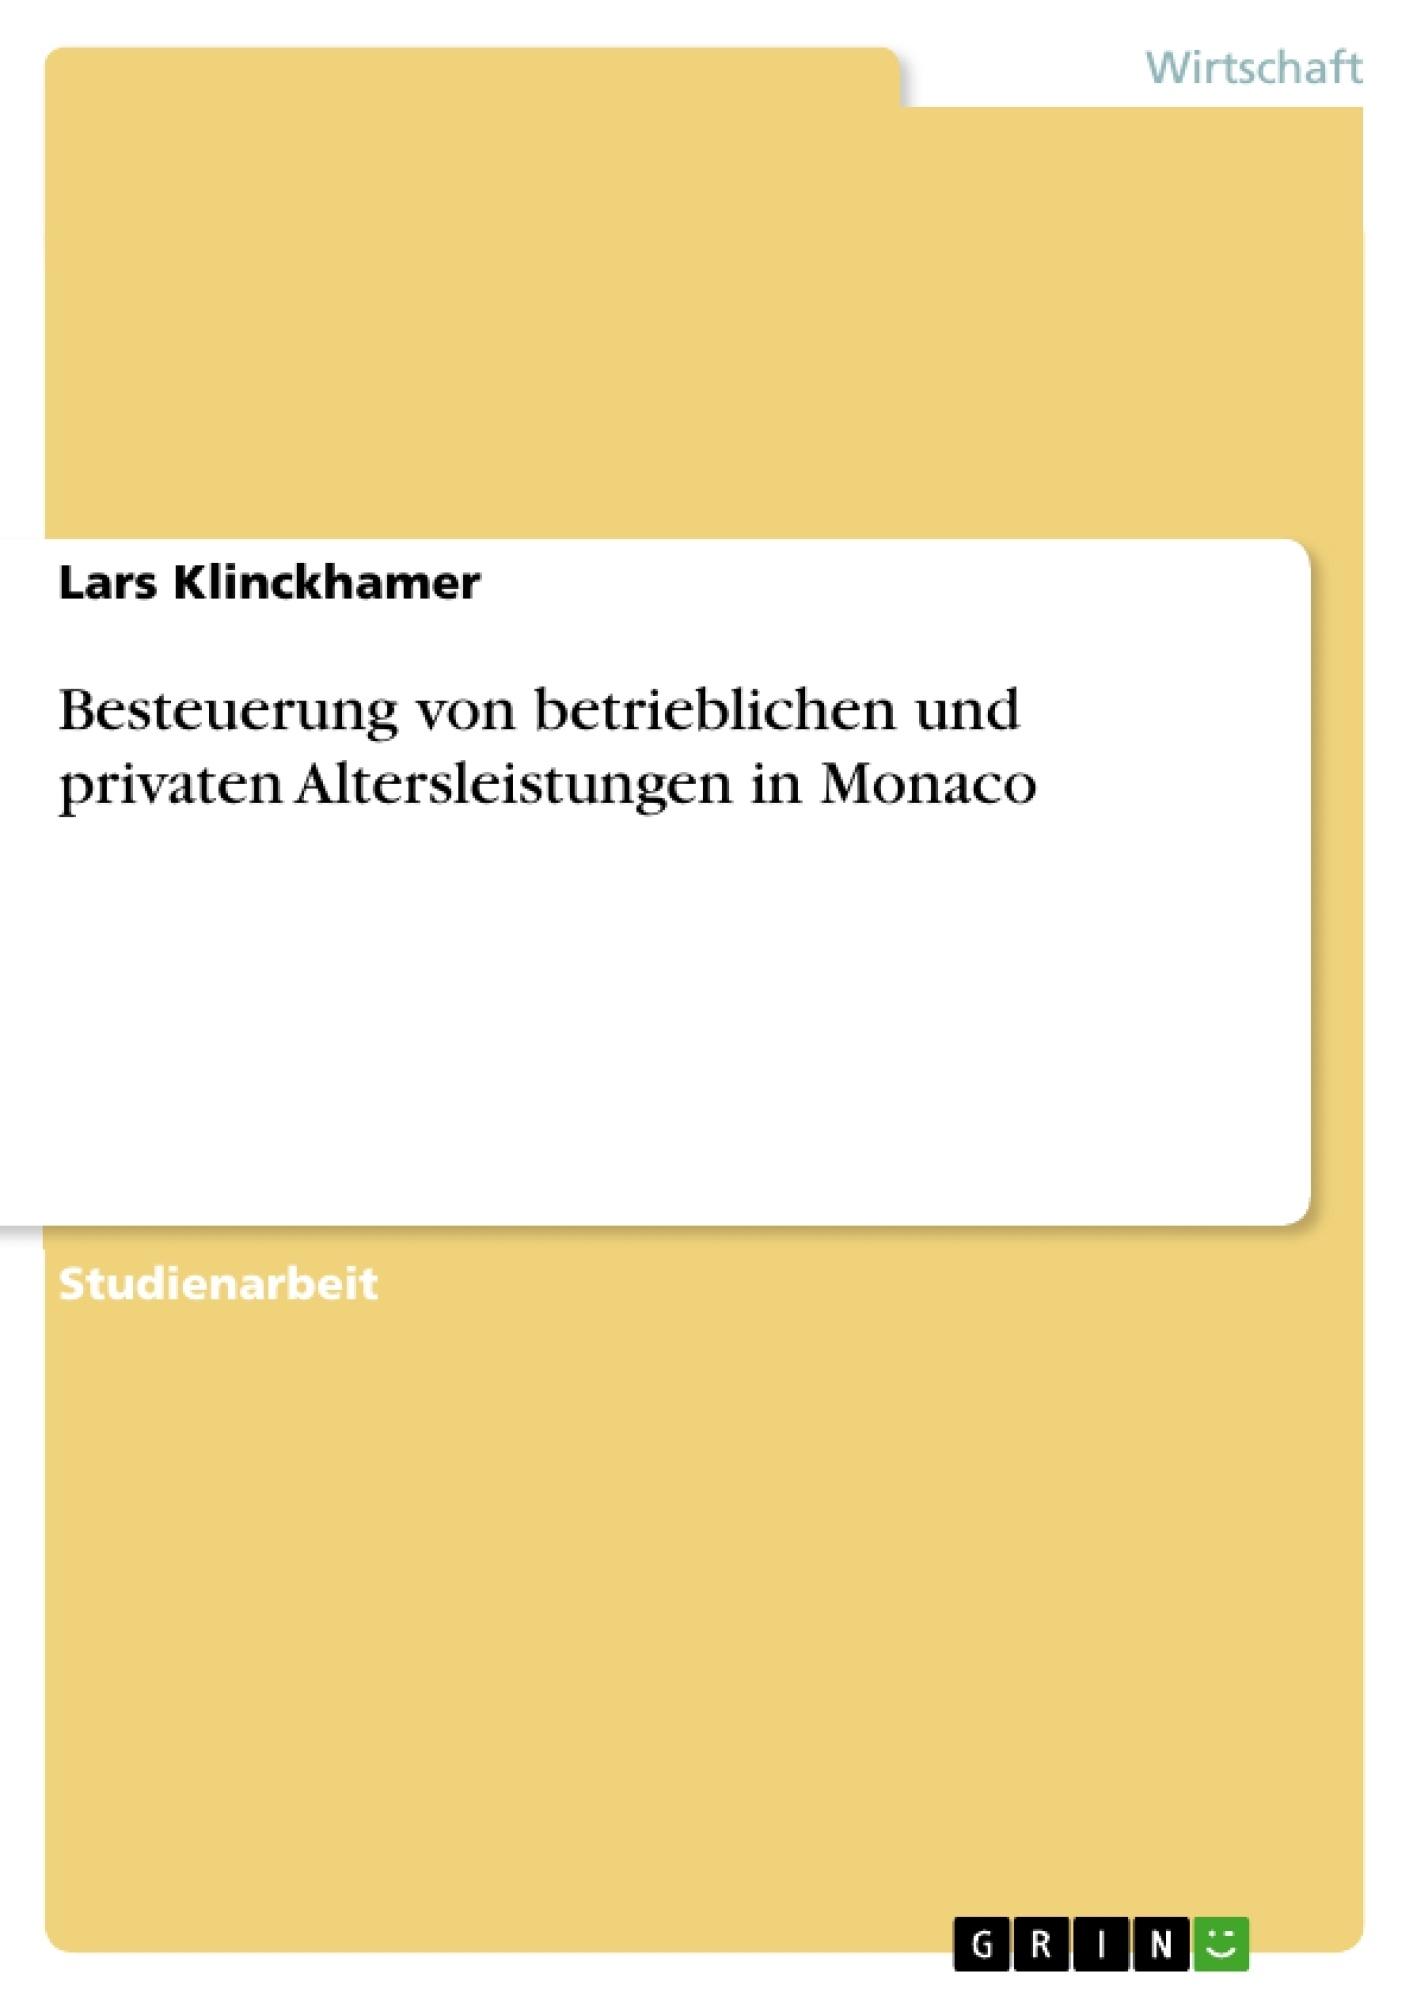 Titel: Besteuerung von betrieblichen und privaten Altersleistungen in Monaco